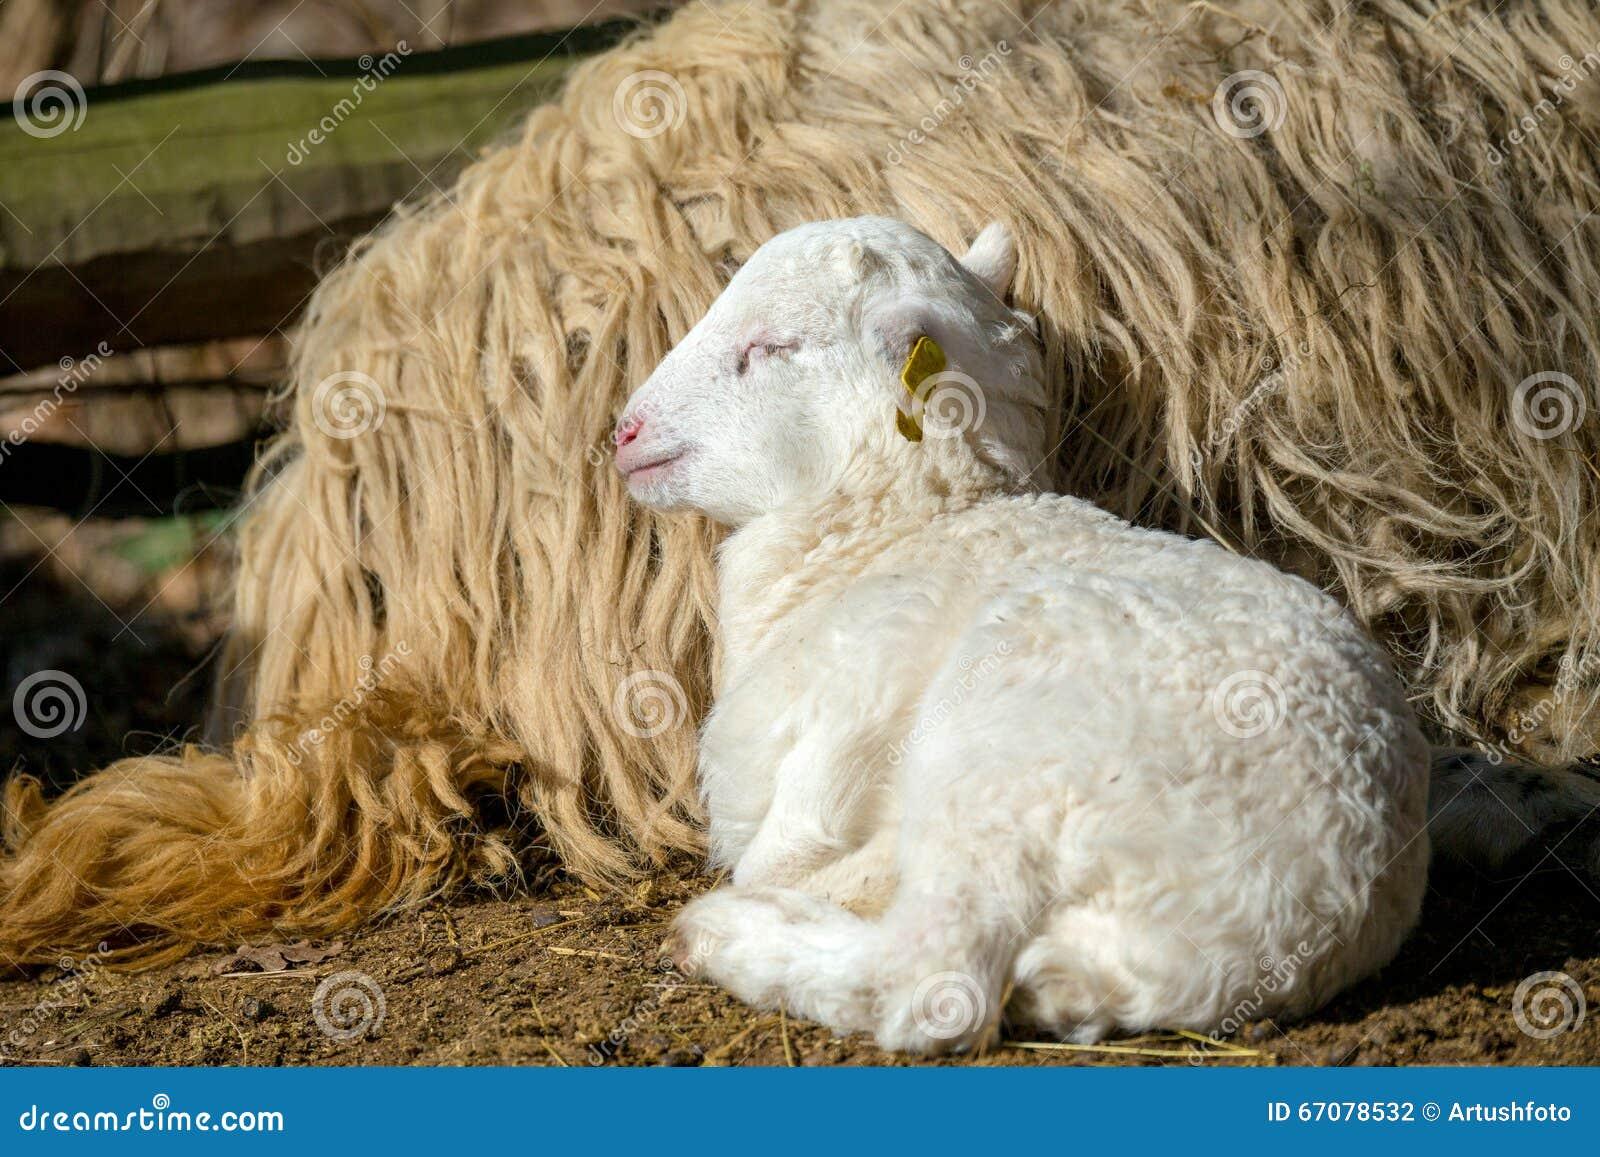 Schapen met lam op landelijk landbouwbedrijf